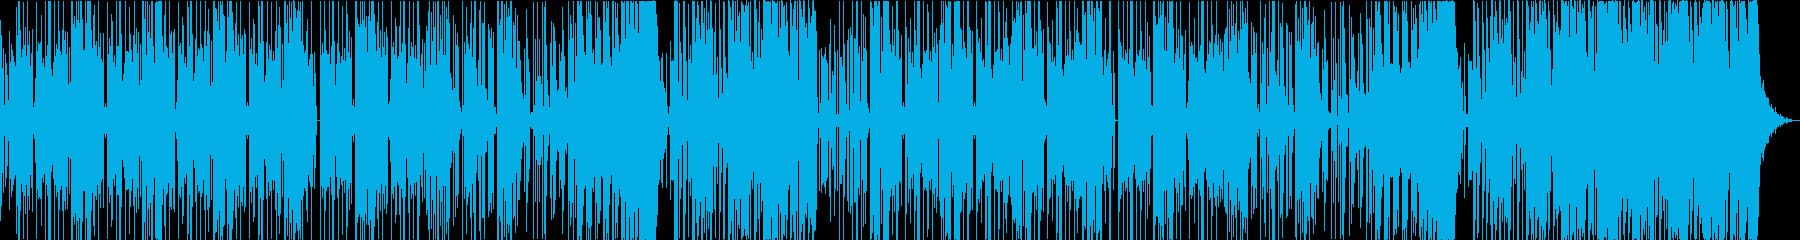 【CM】クールでファンキーなテクノの再生済みの波形